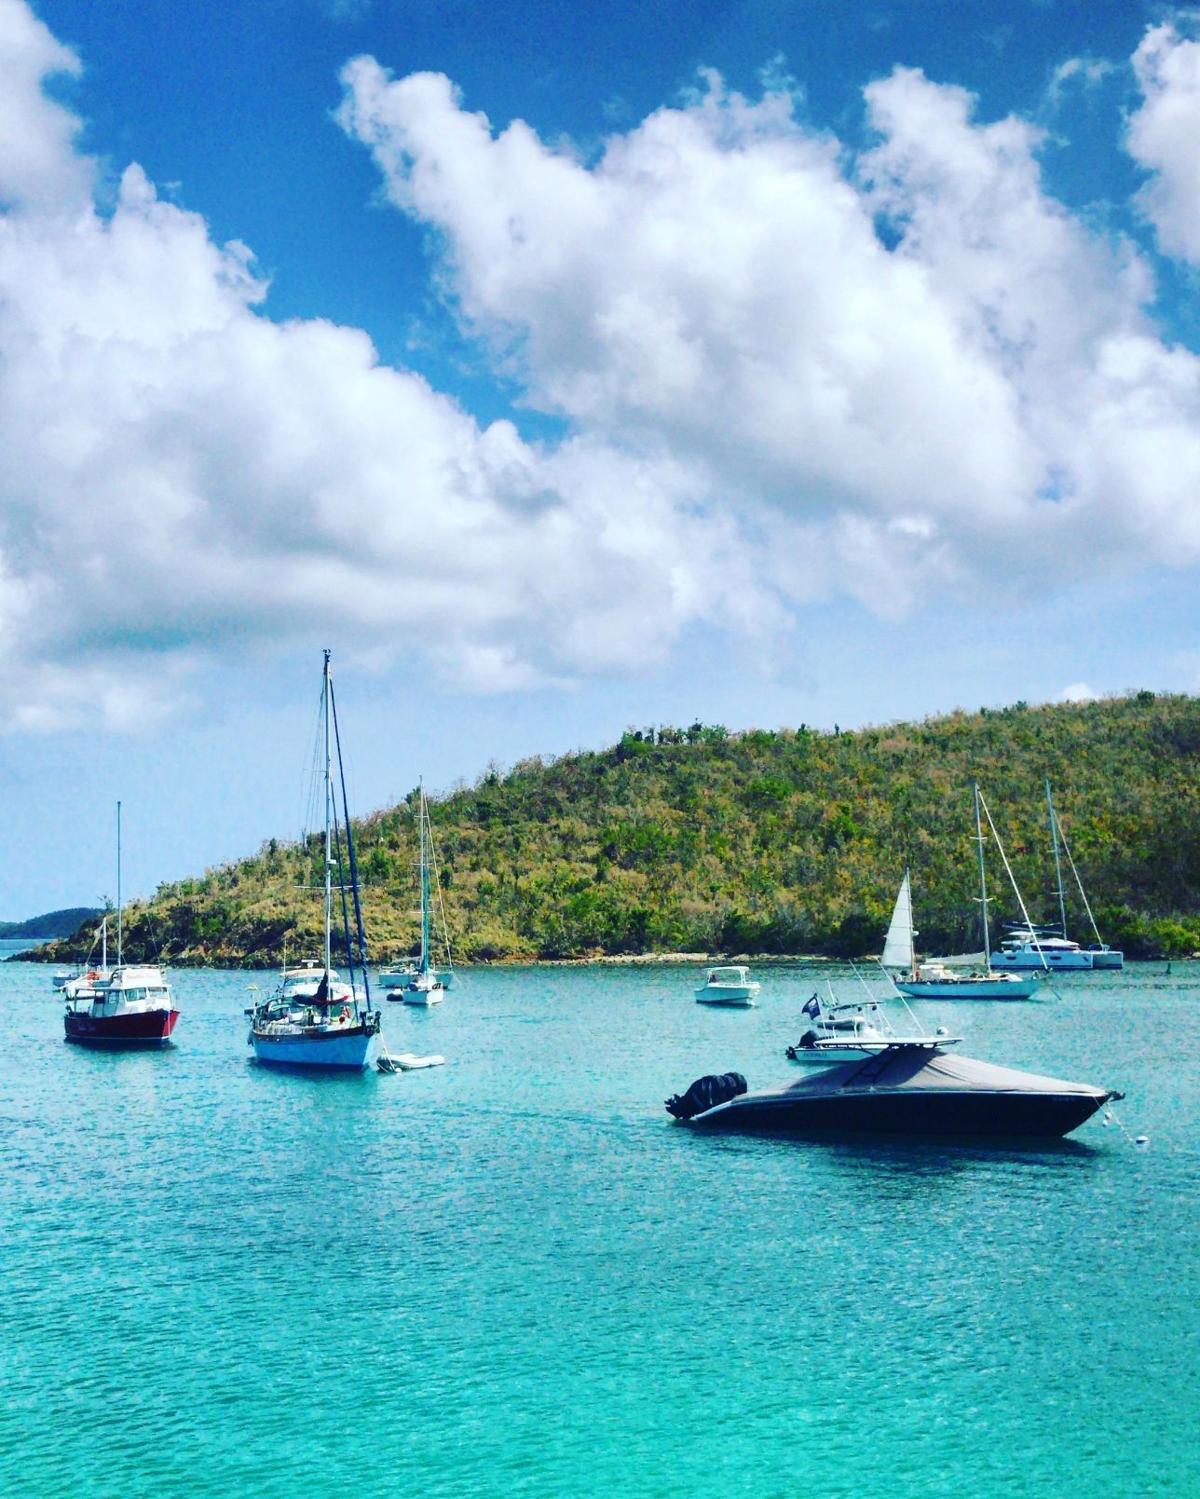 St. John Harbor